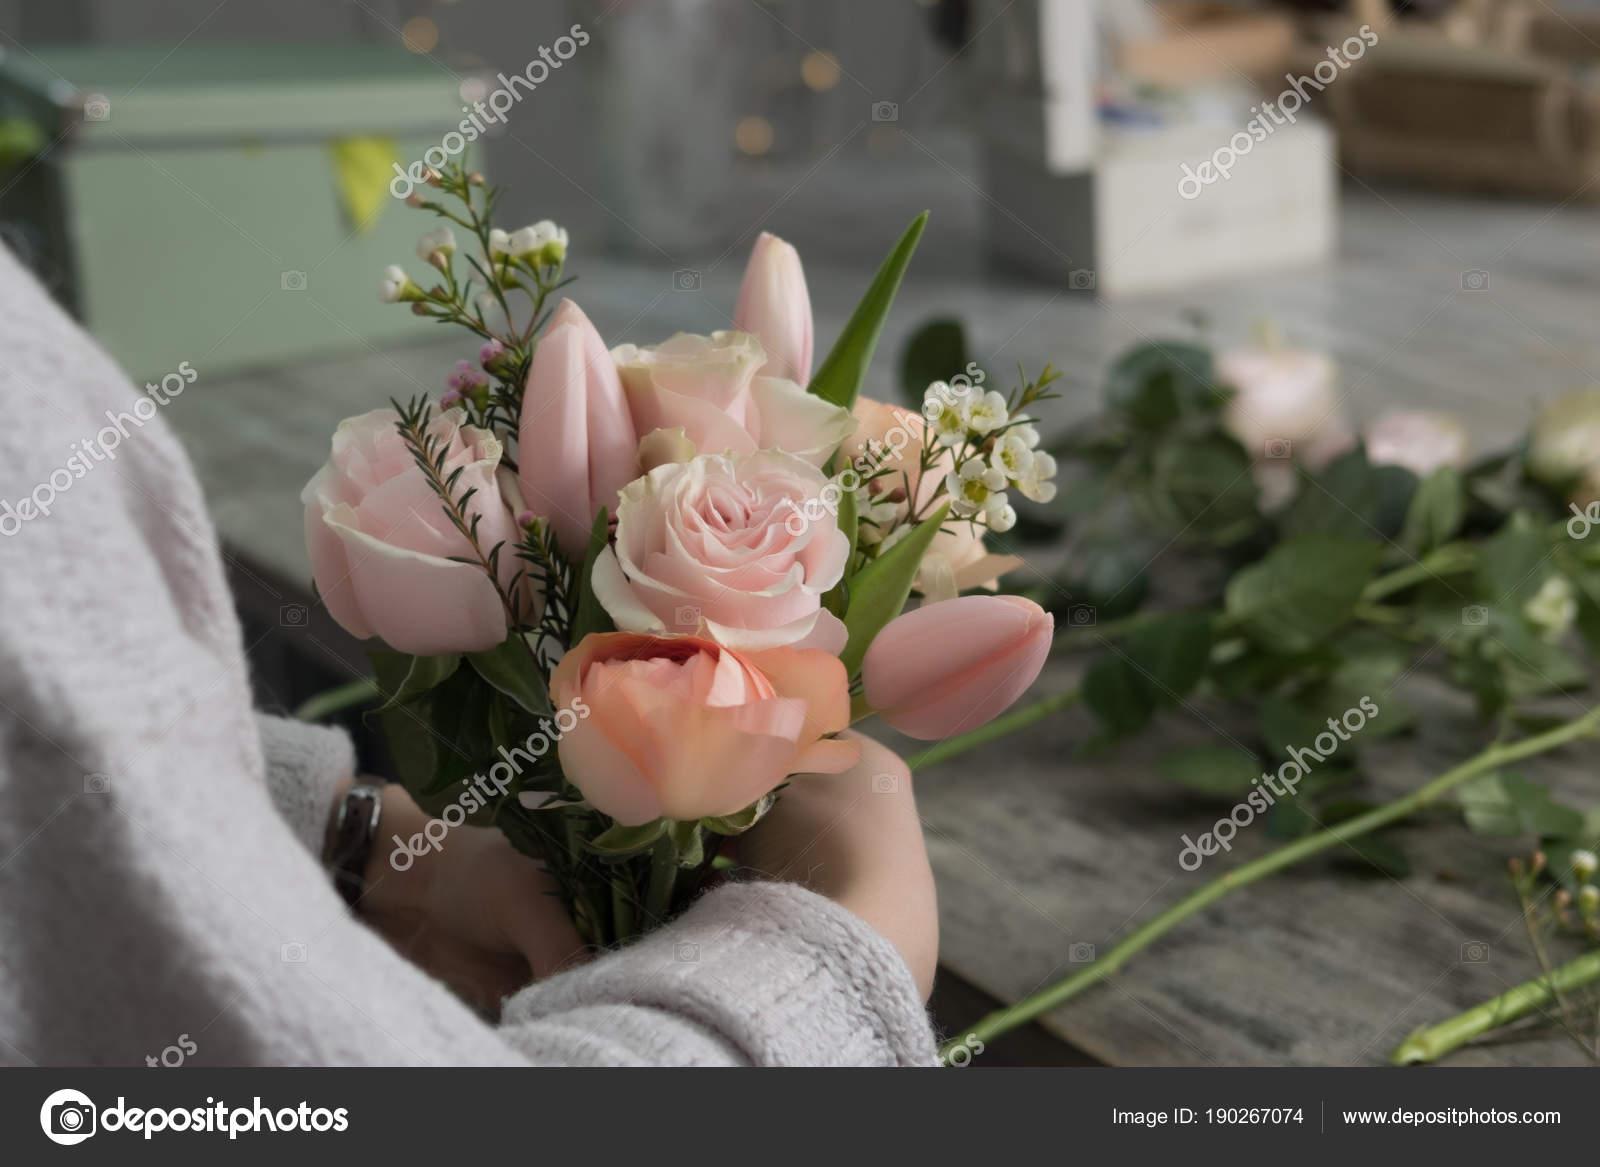 The florist girl packs a bouquet